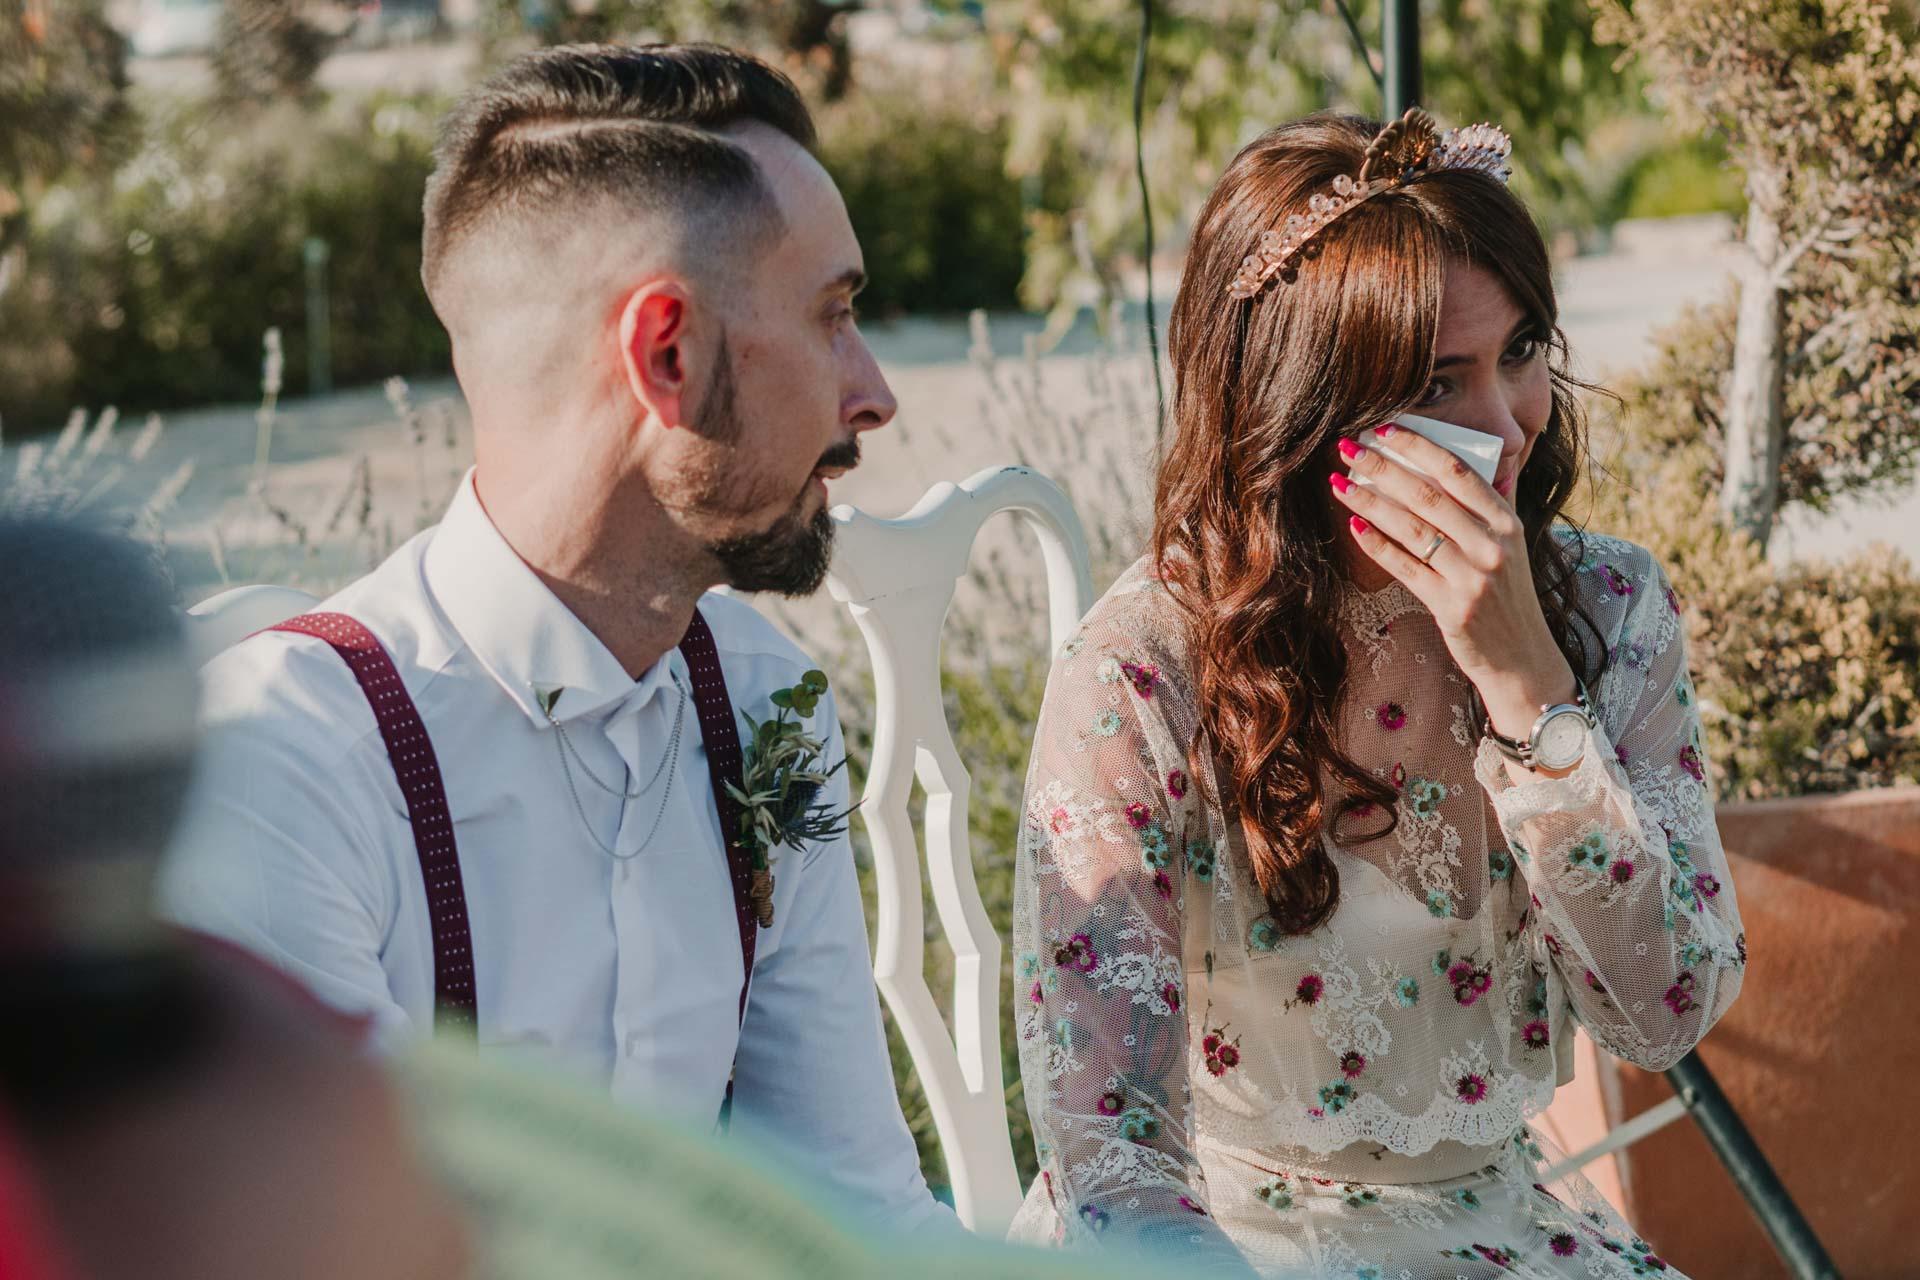 Video Lovestory – Gorka y Raquel – Videos de Boda en Alicante, Murcia y Valencia.